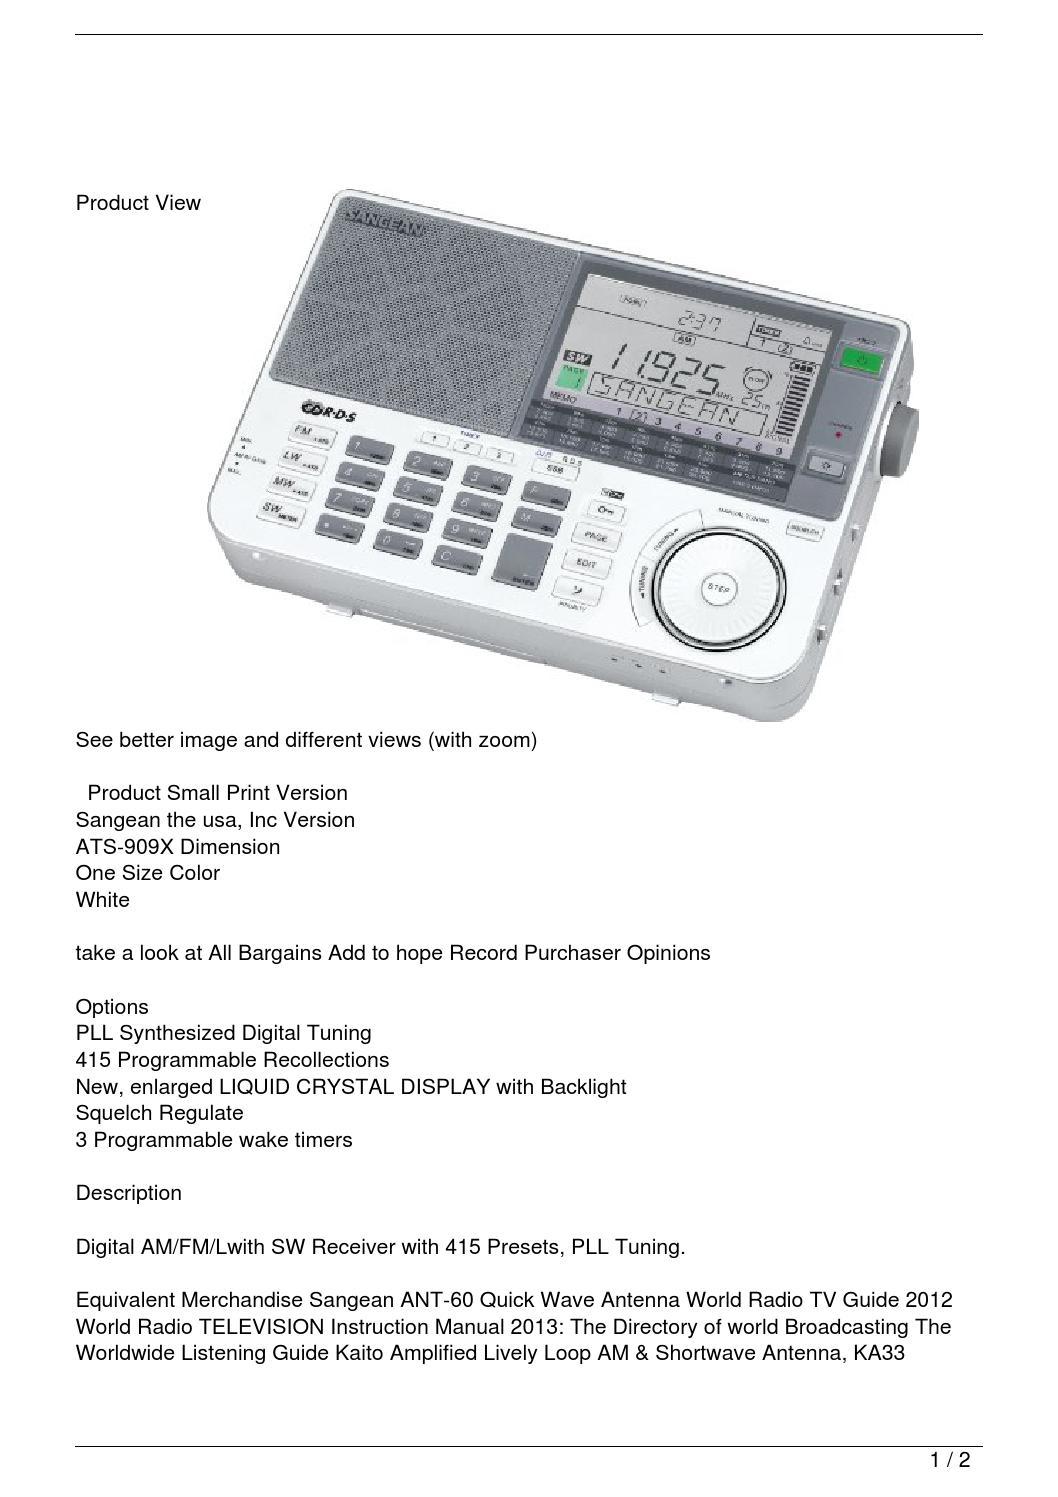 Kaito Ka33 manual